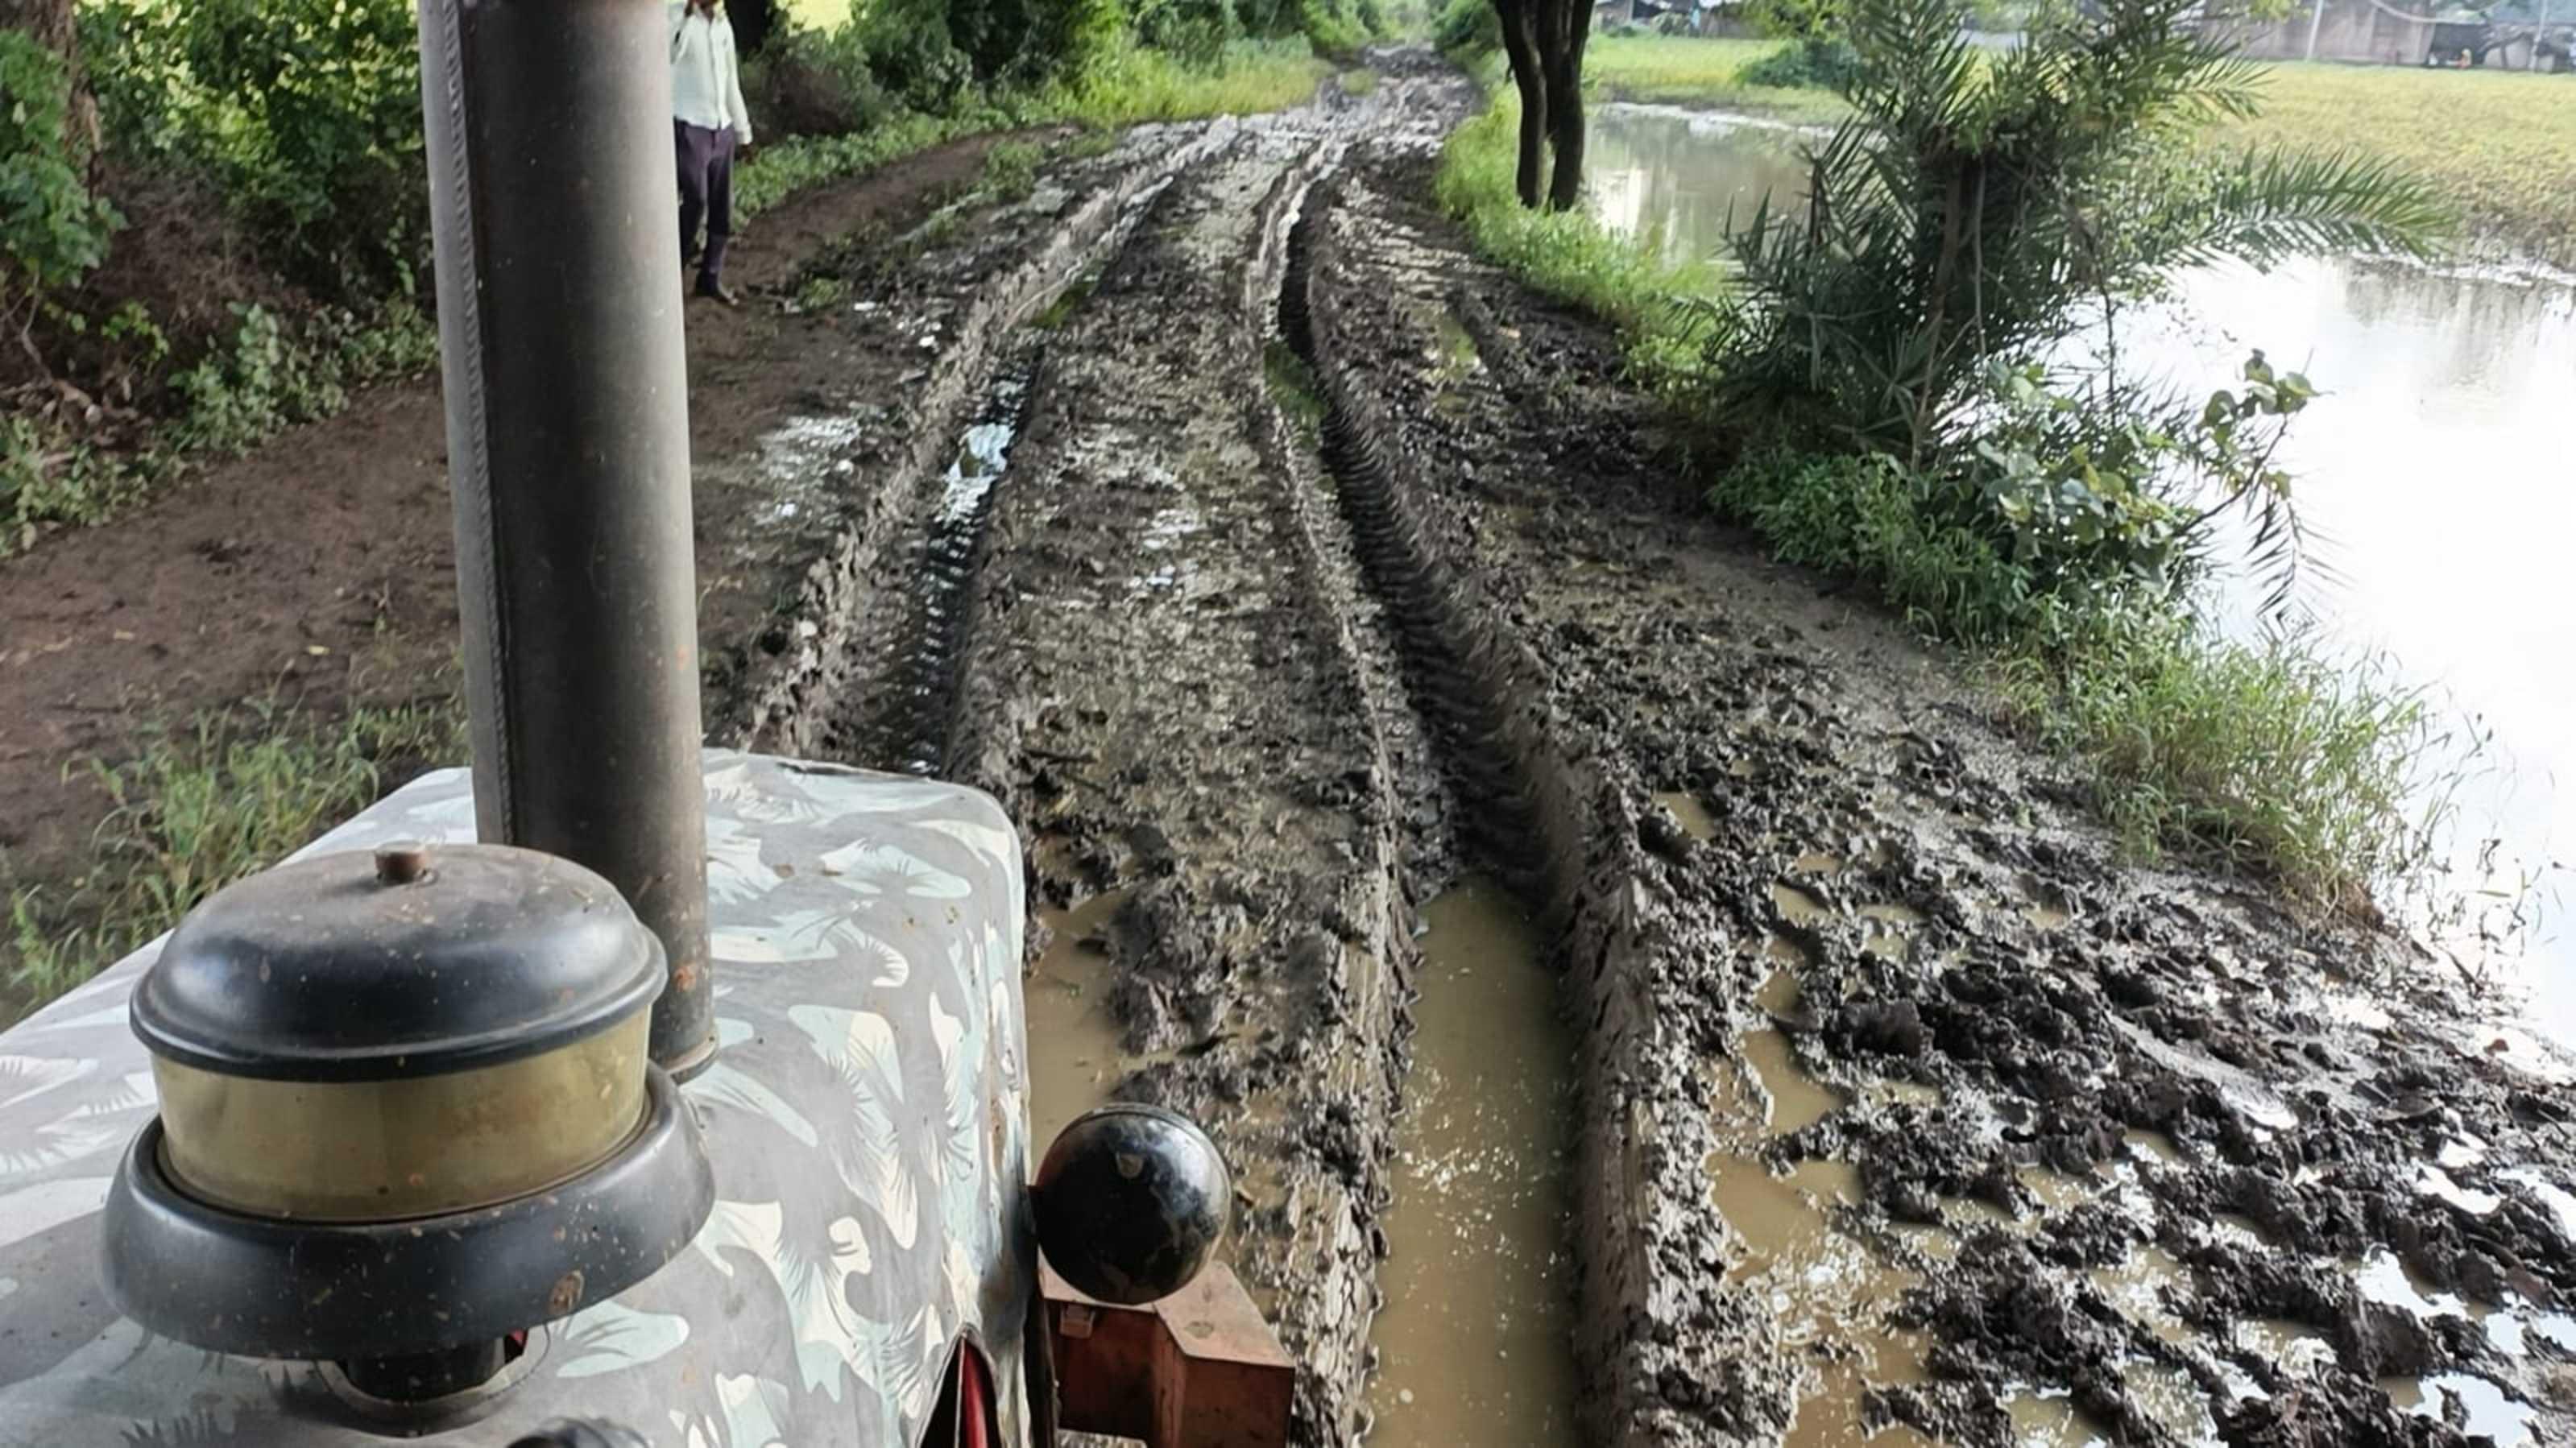 आदिवासी बस्ती में न सड़क न पानी, घर भी टूटे